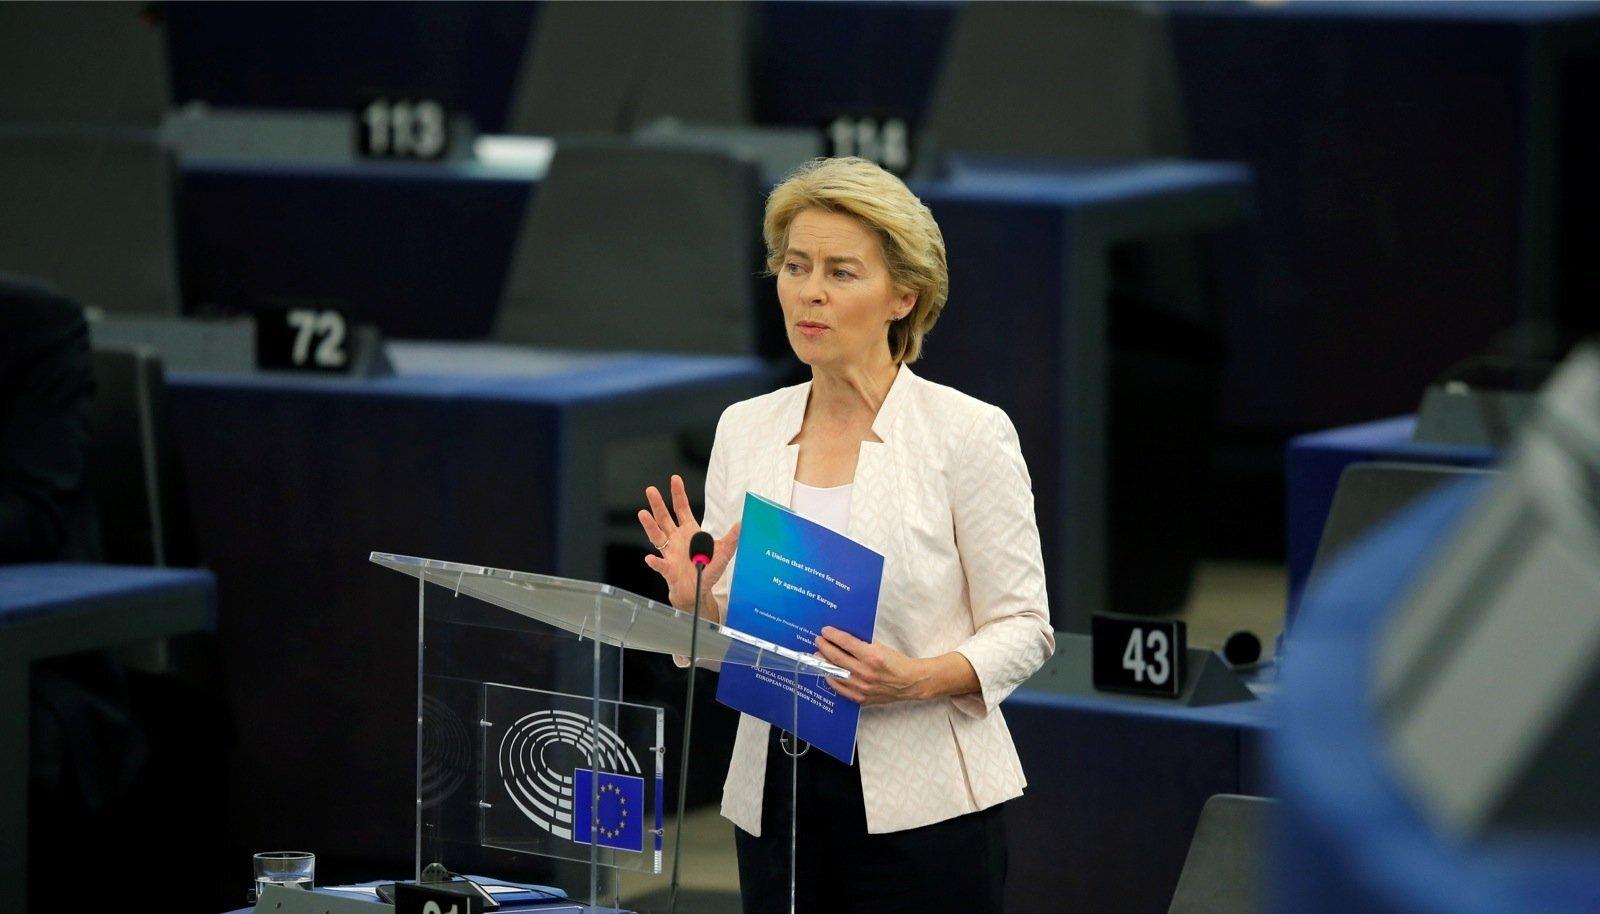 Brüsseli uus tuul hakkab Eesti tabusid murdma kliima, palkade, võrdse kohtlemise ja maksude vallas